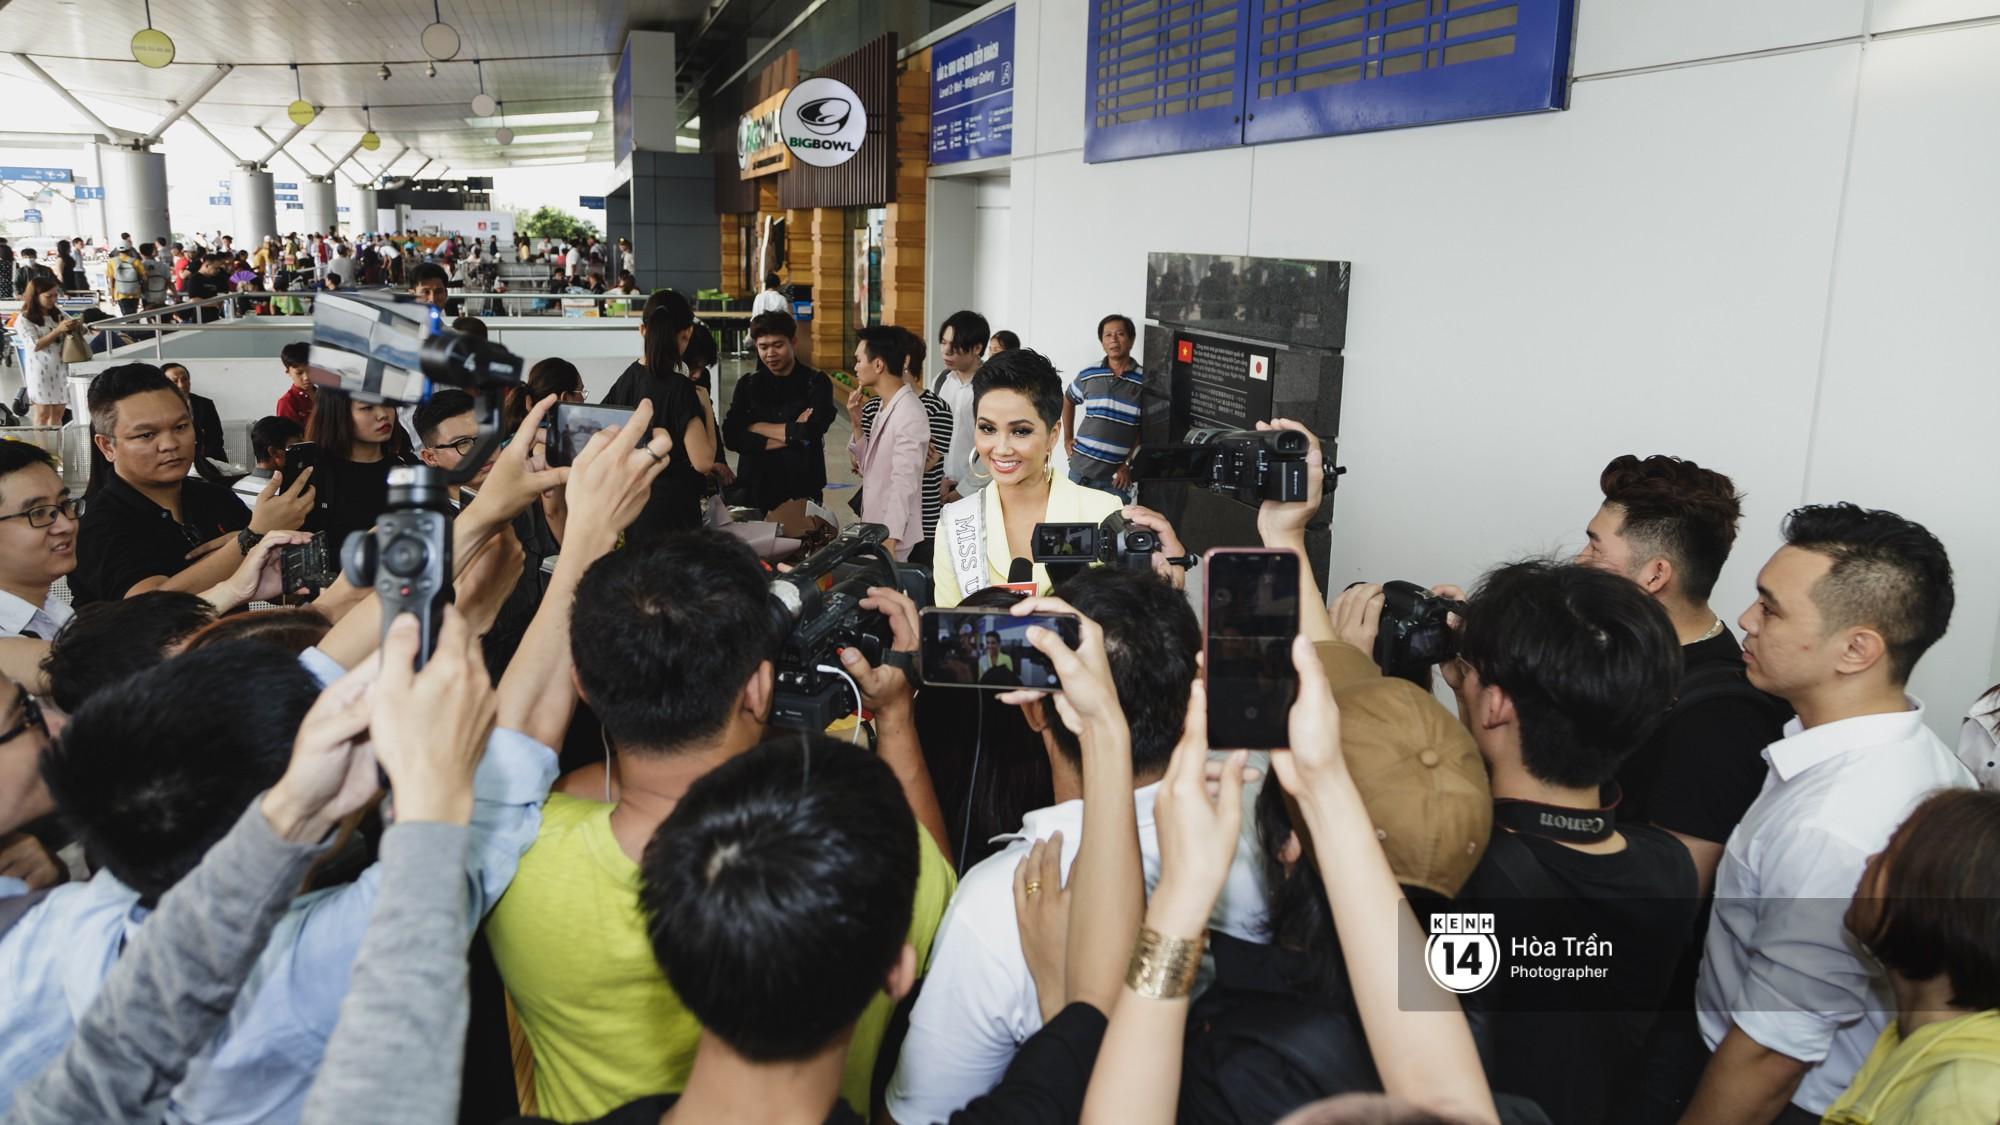 Gia đình HHen Niê diện trang phục người Ê-Đê, tiễn chân con gái bản làng đến Thái tham dự Miss Universe - Ảnh 15.